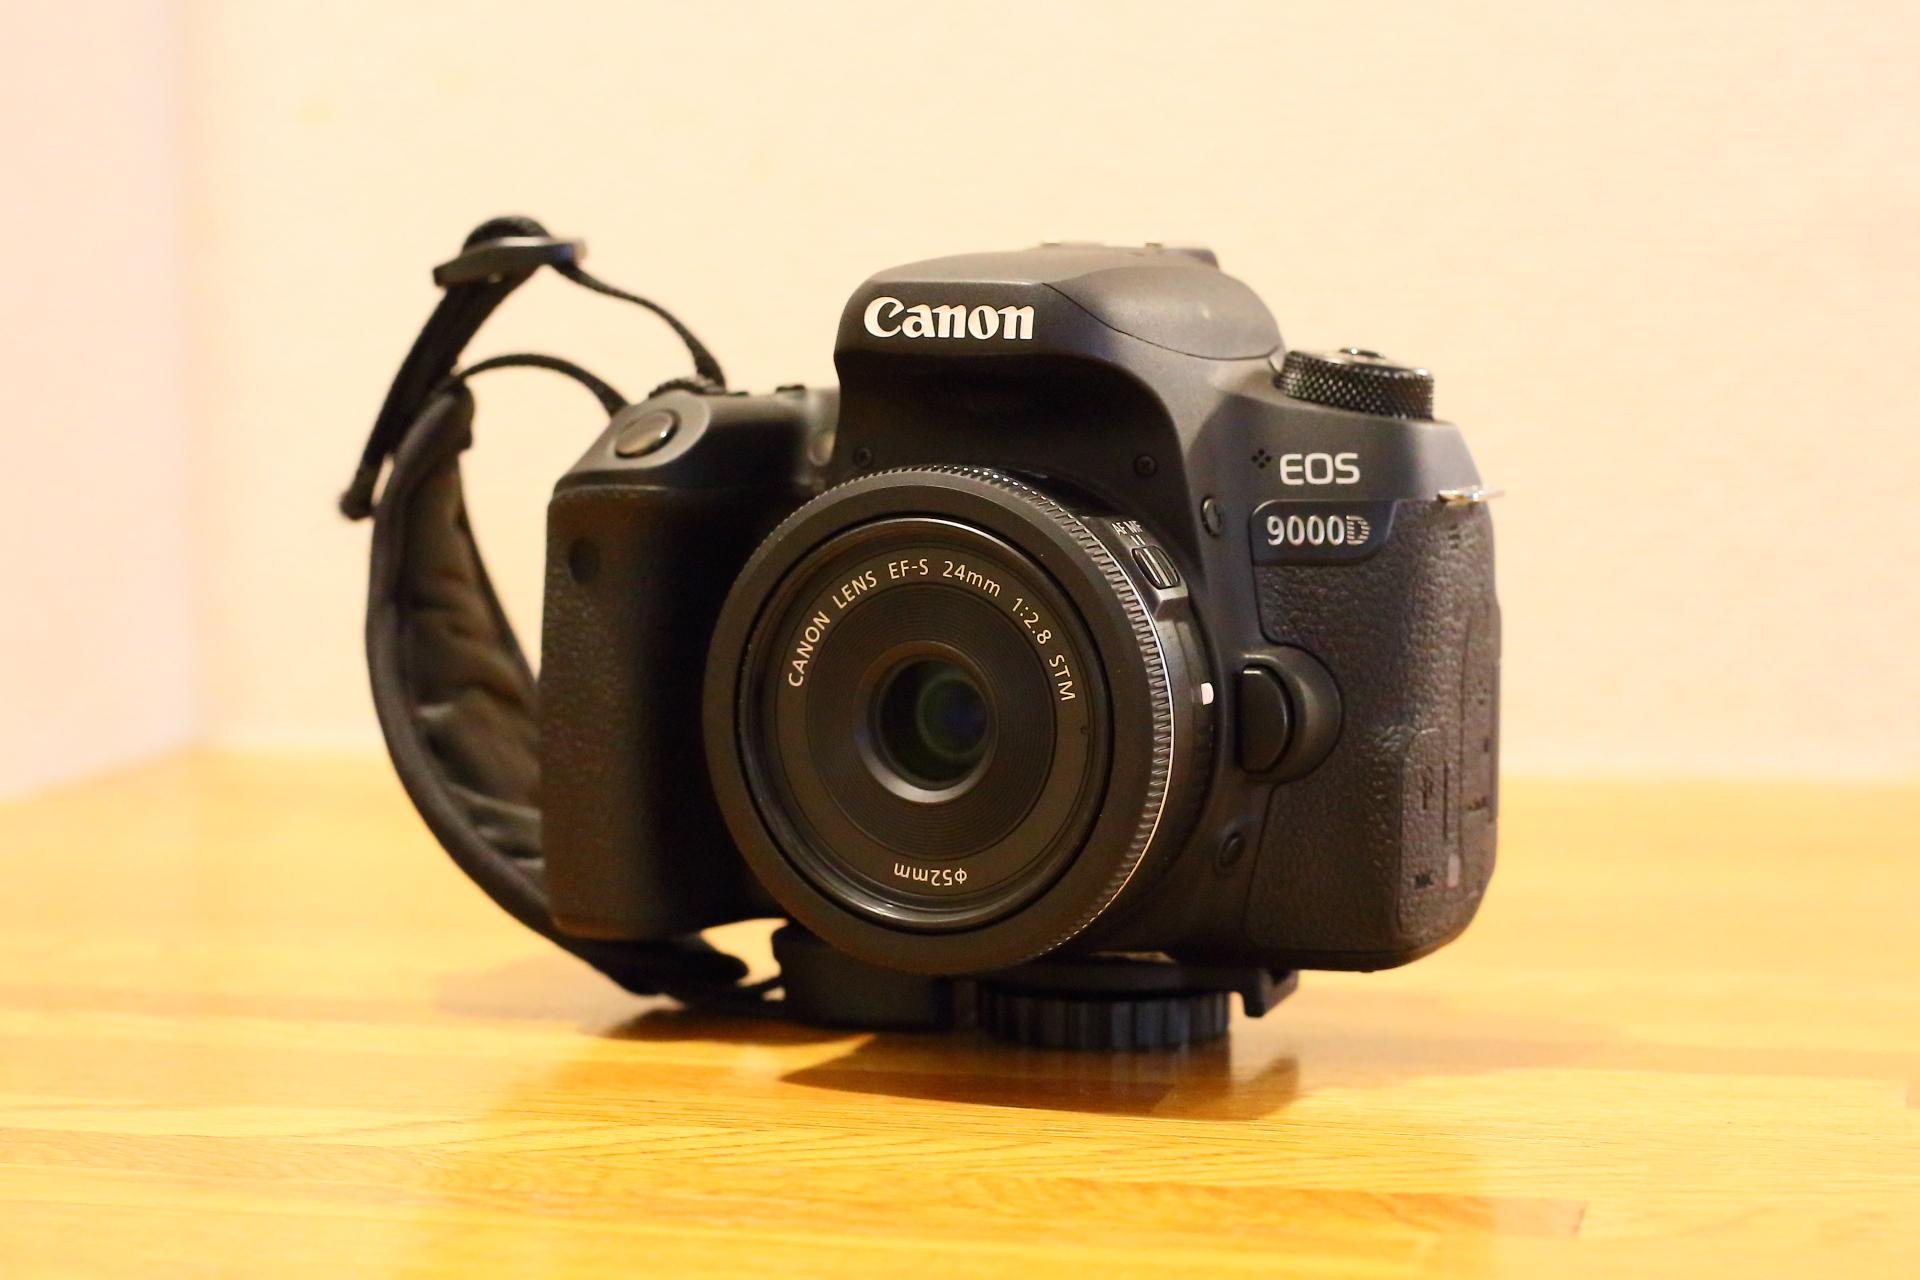 使用カメラ(キャノン EOS9000D 単焦点レンズ EF-S 24mm )全重量:715グラム